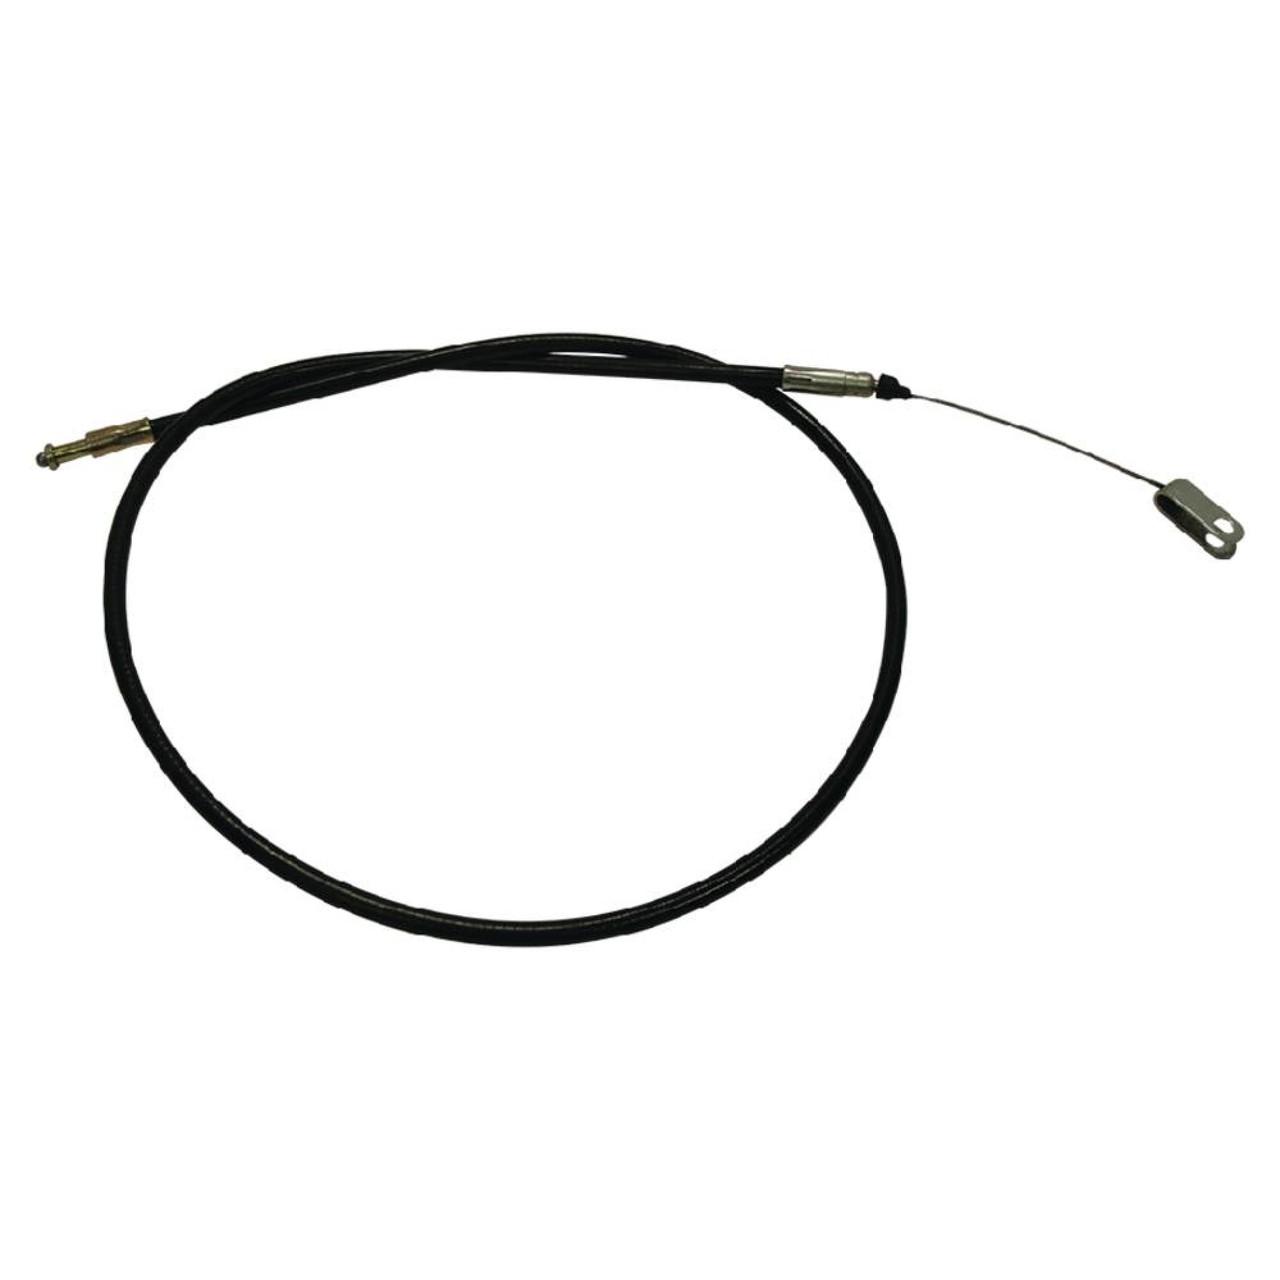 Throttle Cable for Massey Ferguson 360, 362, 365, 375, 383